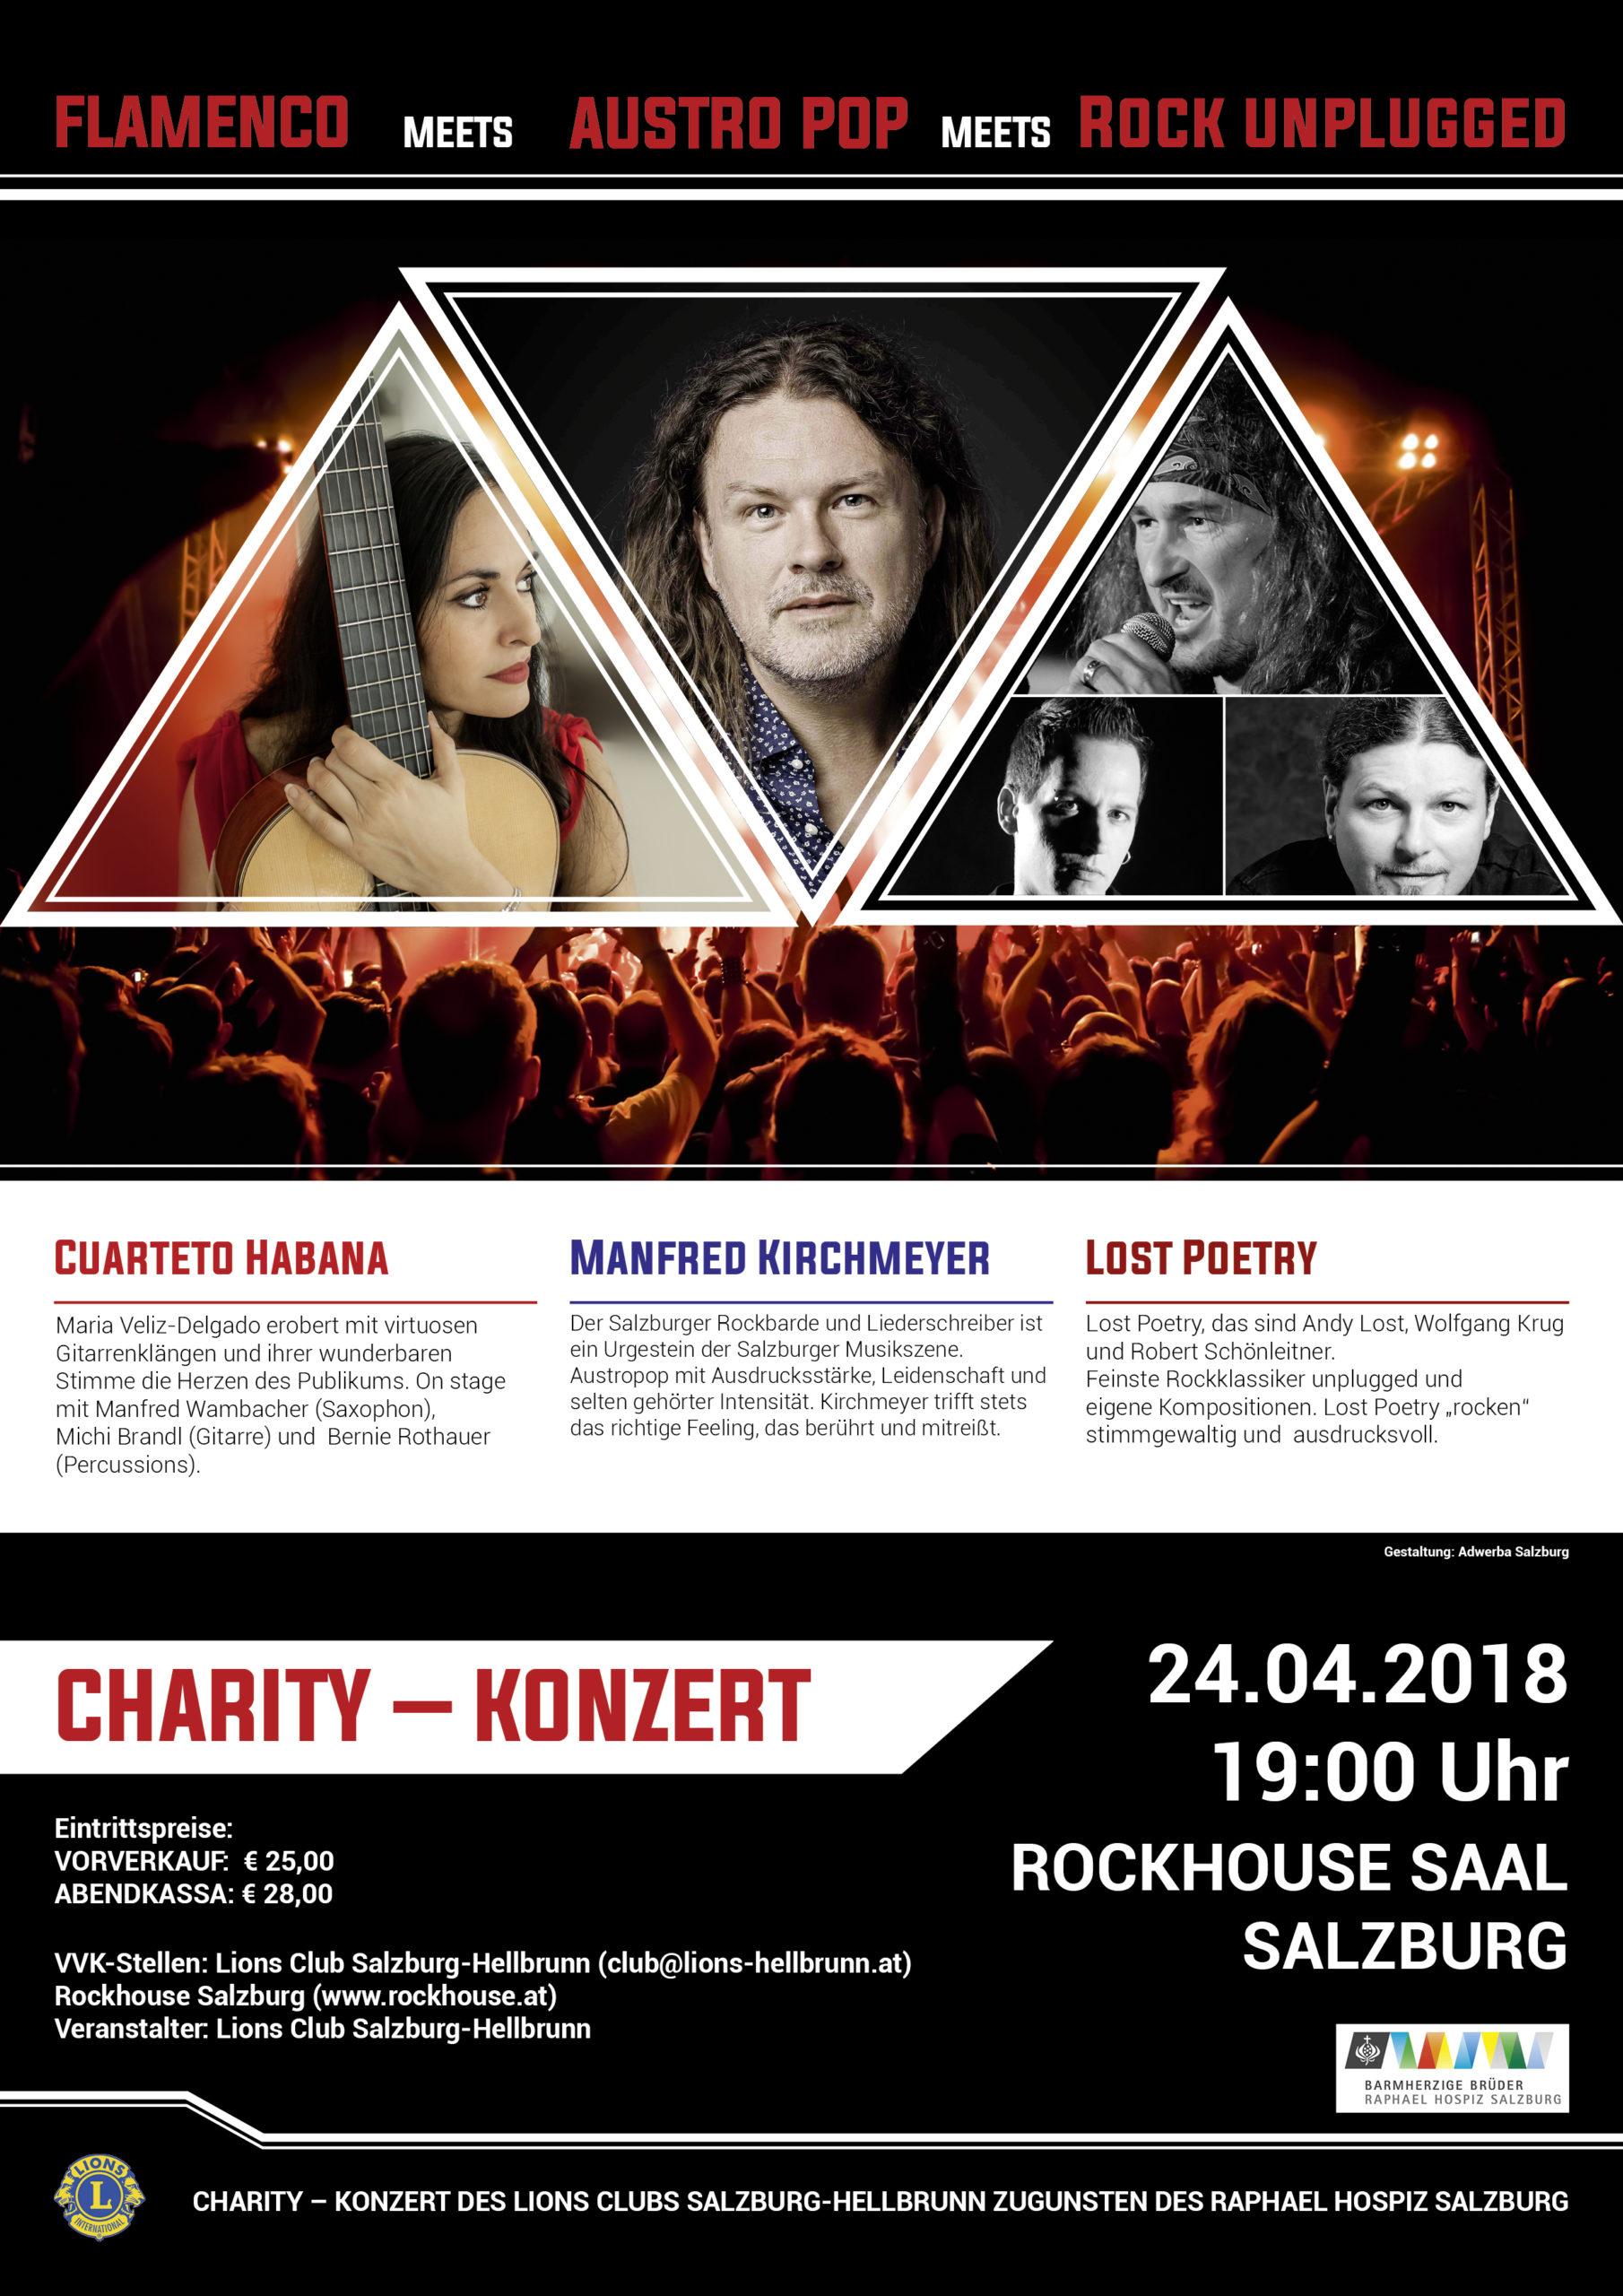 Charity imRockhouse